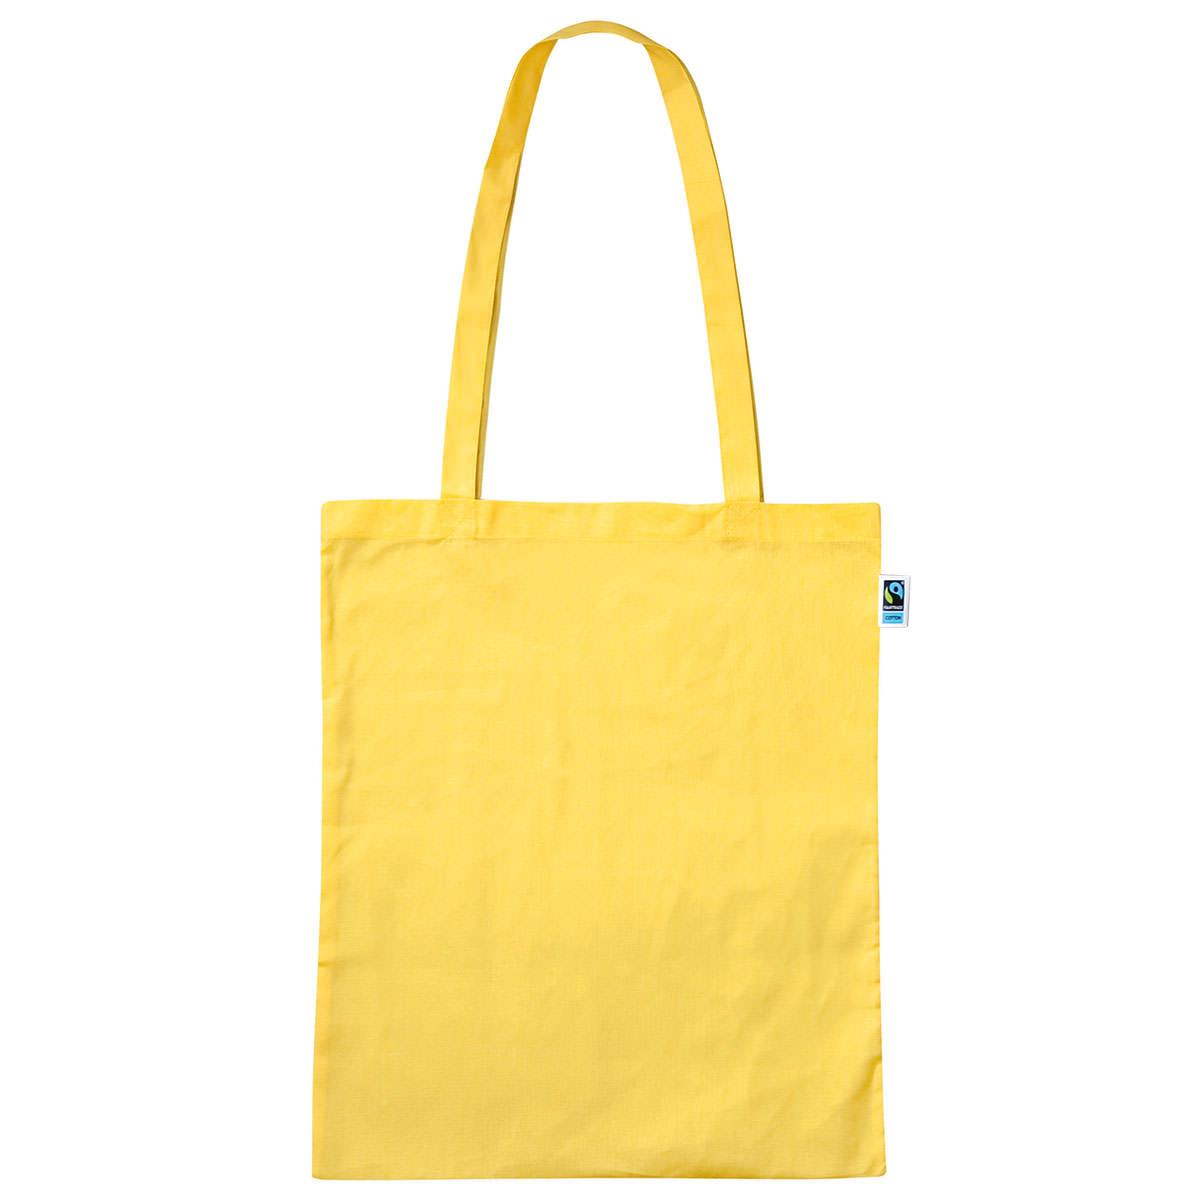 Tasche aus Fairtrade-Baumwolle mit zwei langen Henkeln